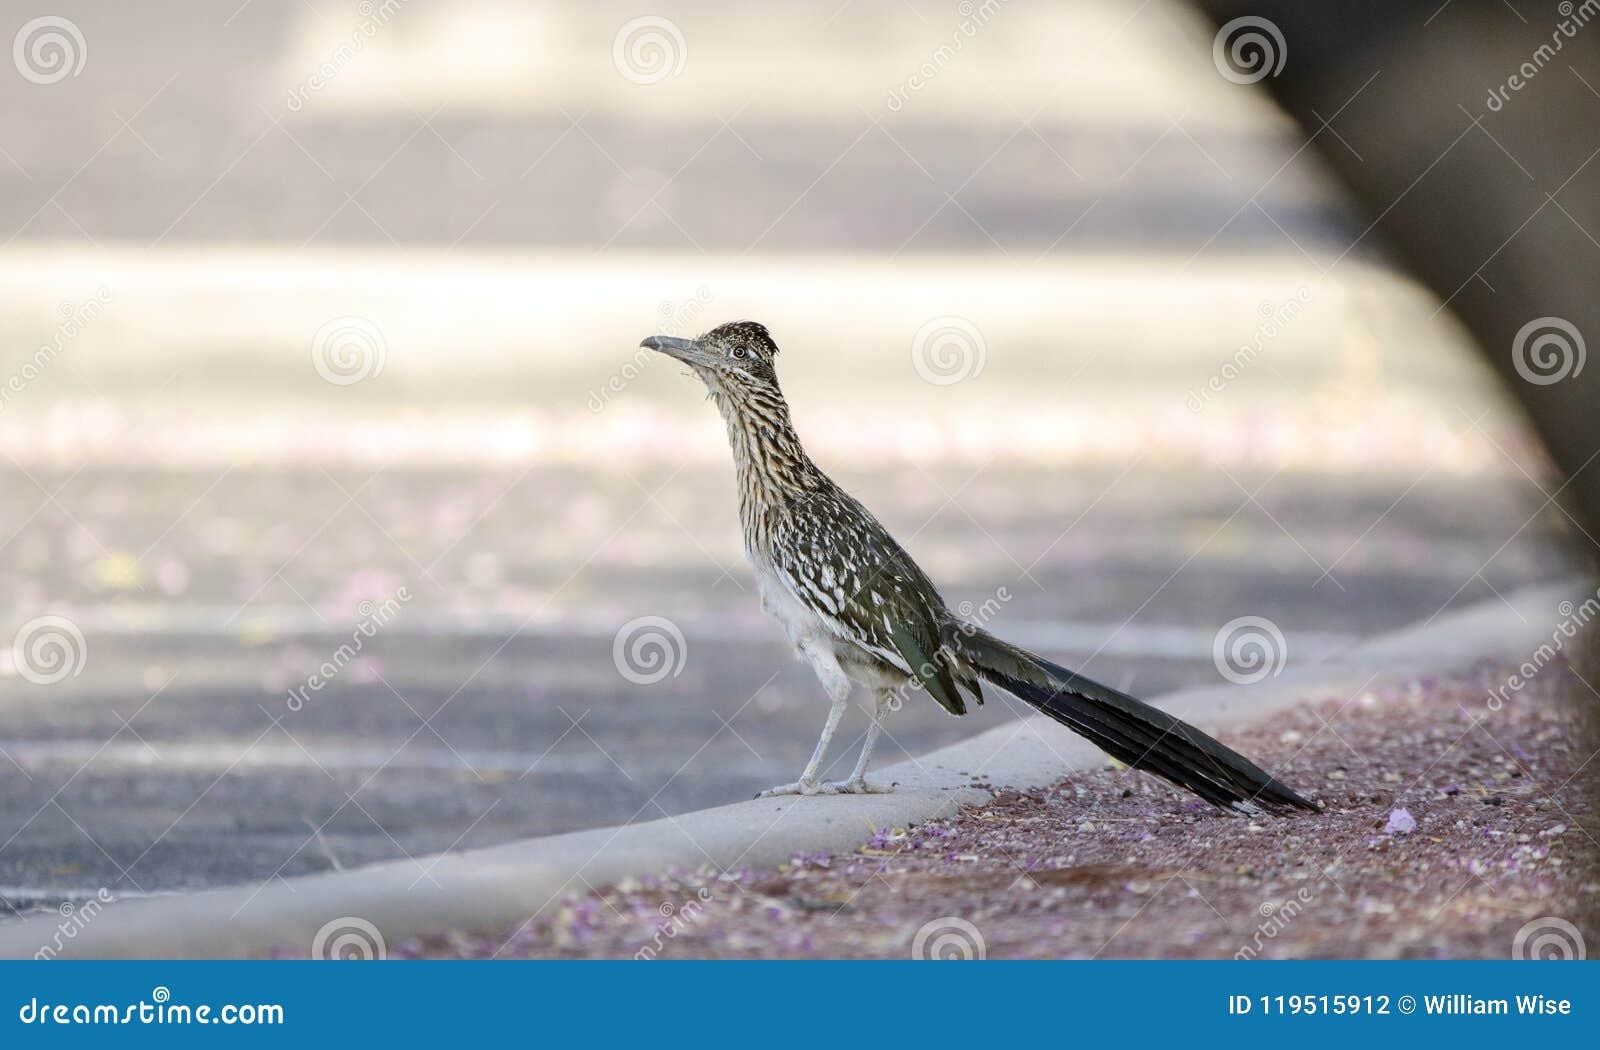 Greater Roadrunner bird, southwest desert, Tucson Arizona